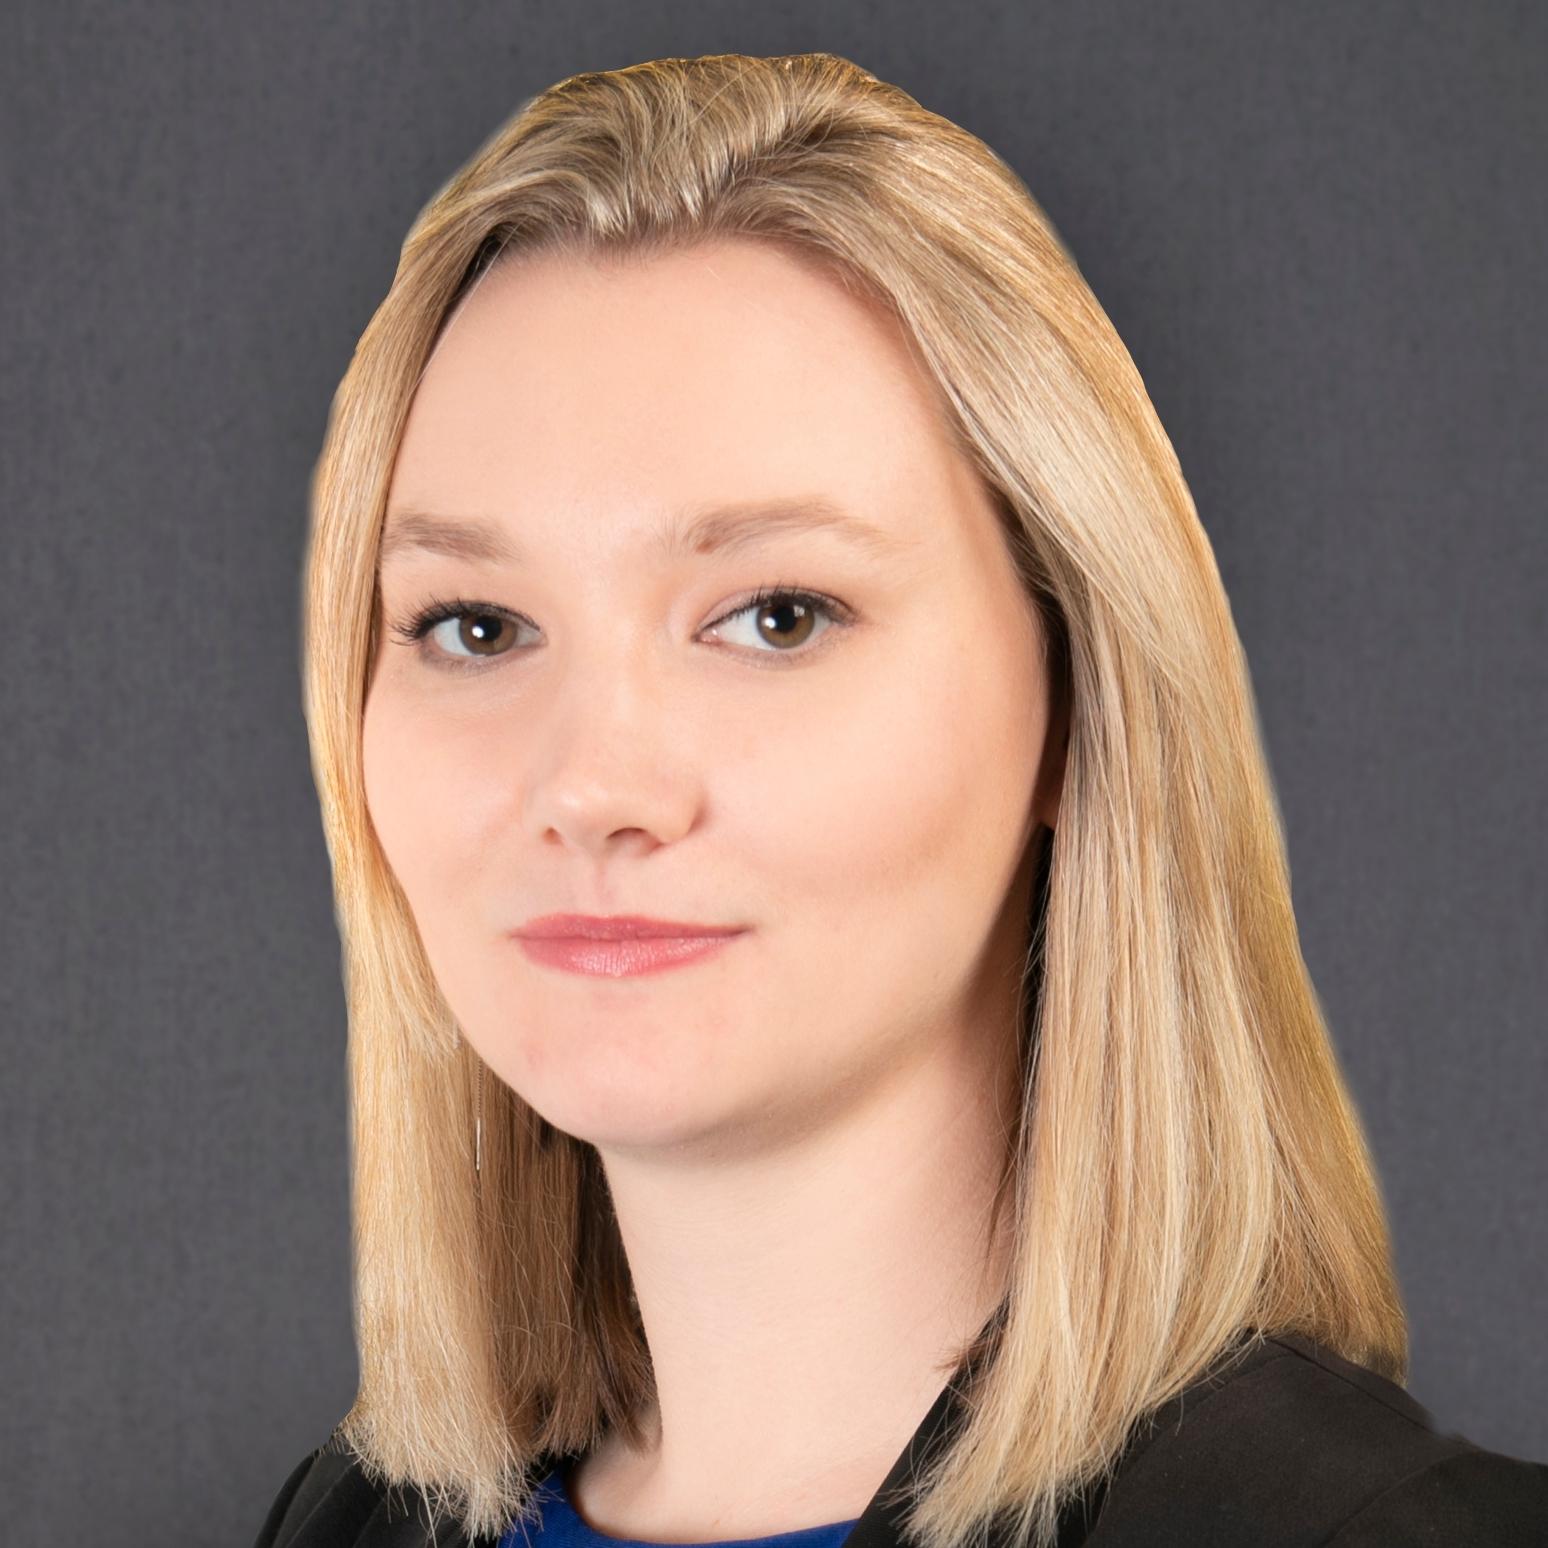 Olivia Hobson's headshot